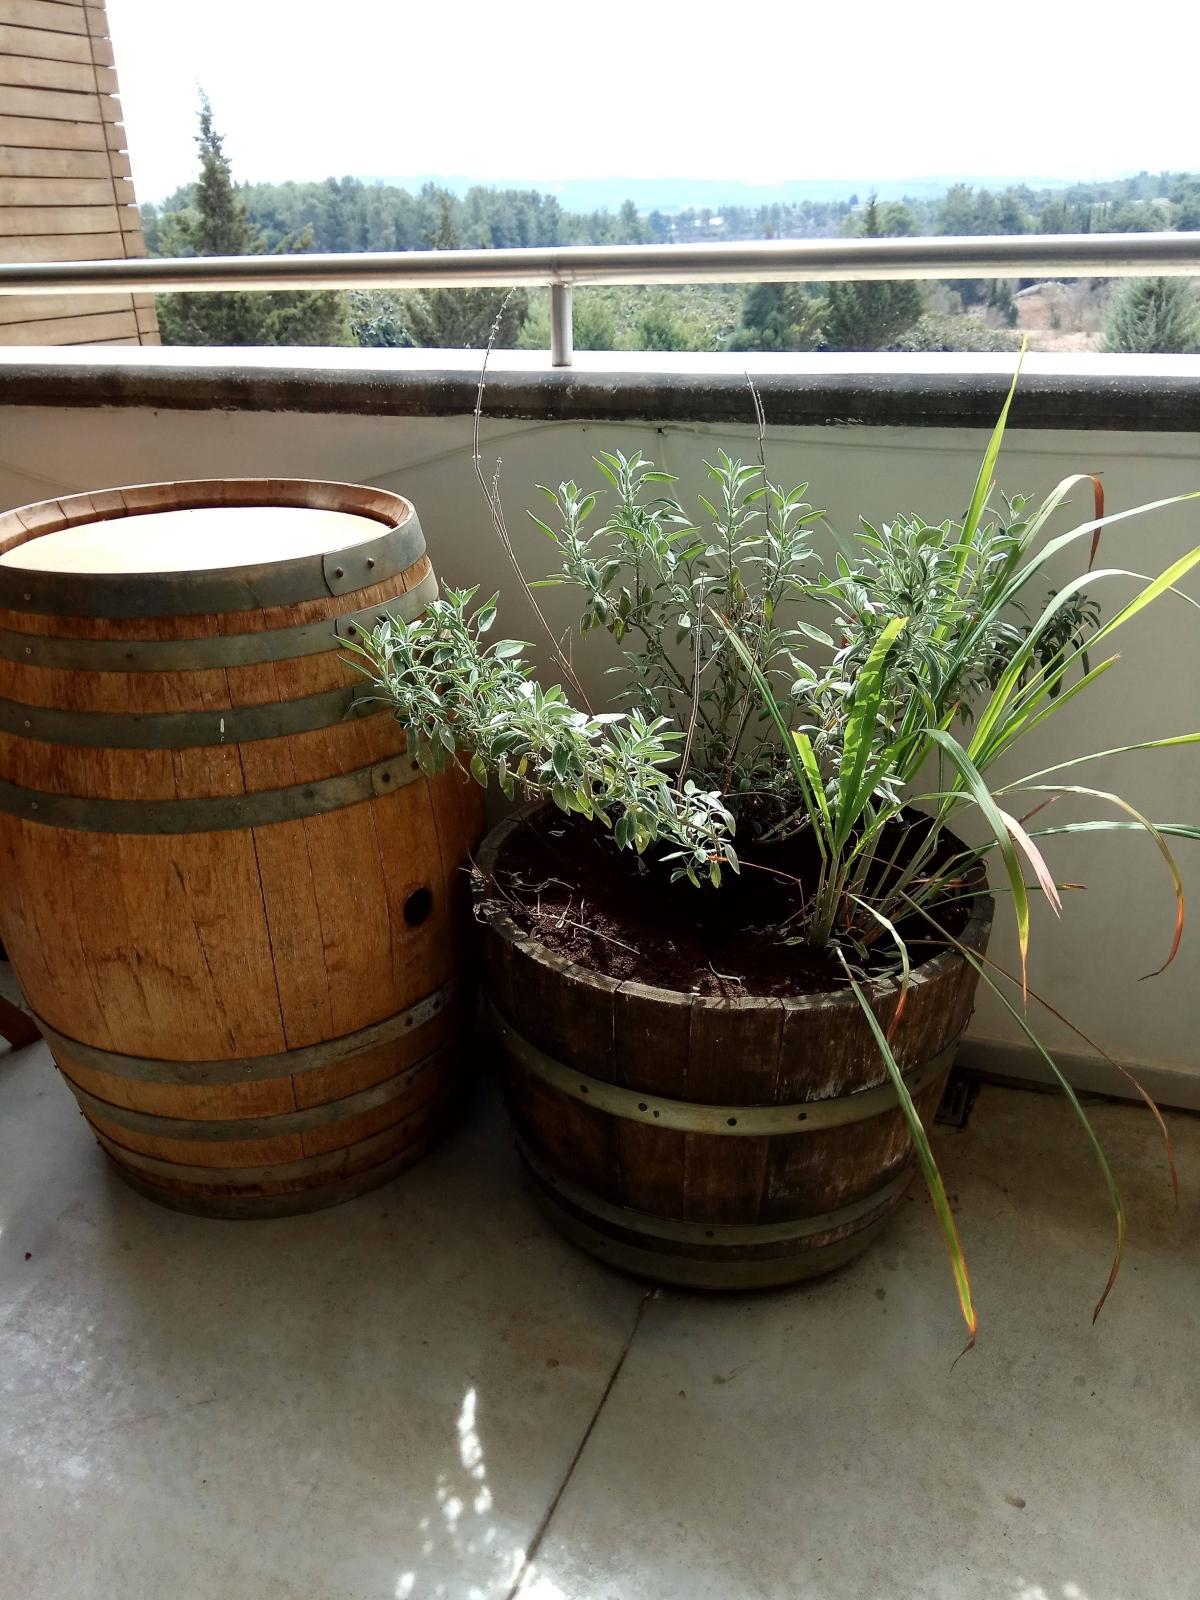 Grow An Israeli Herb Garden